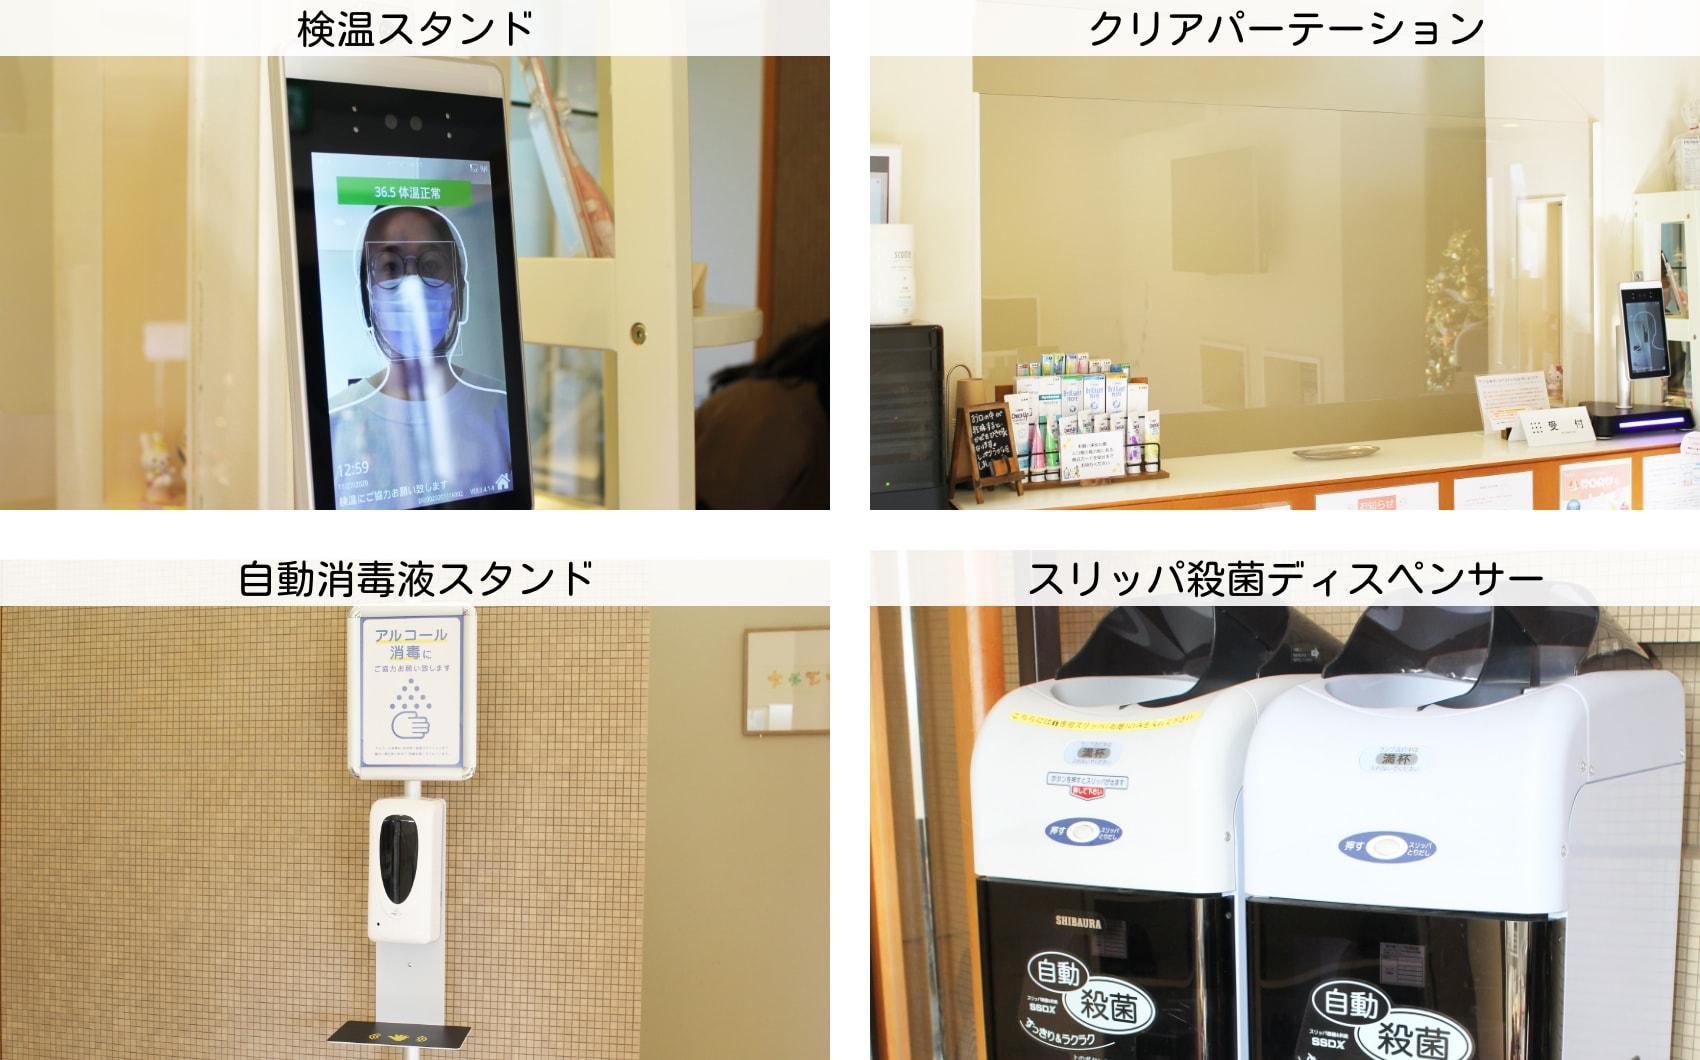 徳島 コロナ 徳島城天守閣、LEDで再現 コロナ交付金2000万円充当